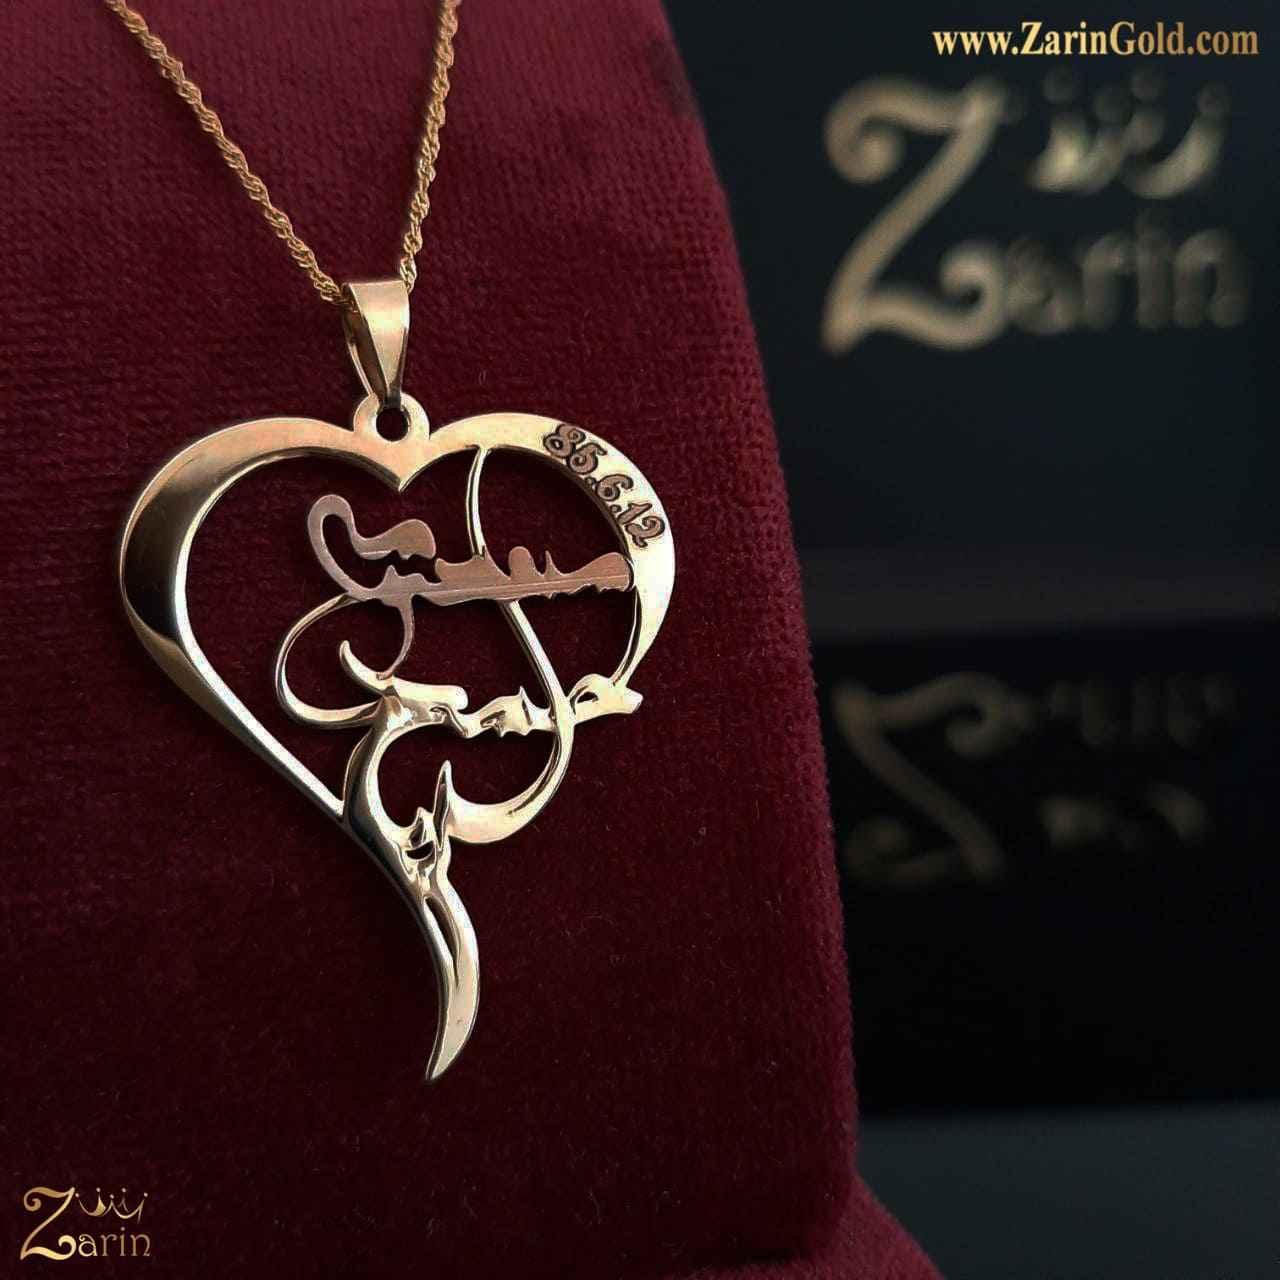 گردنبند طلا دو اسم حسین و معصومه دو رنگ با قاب قلب